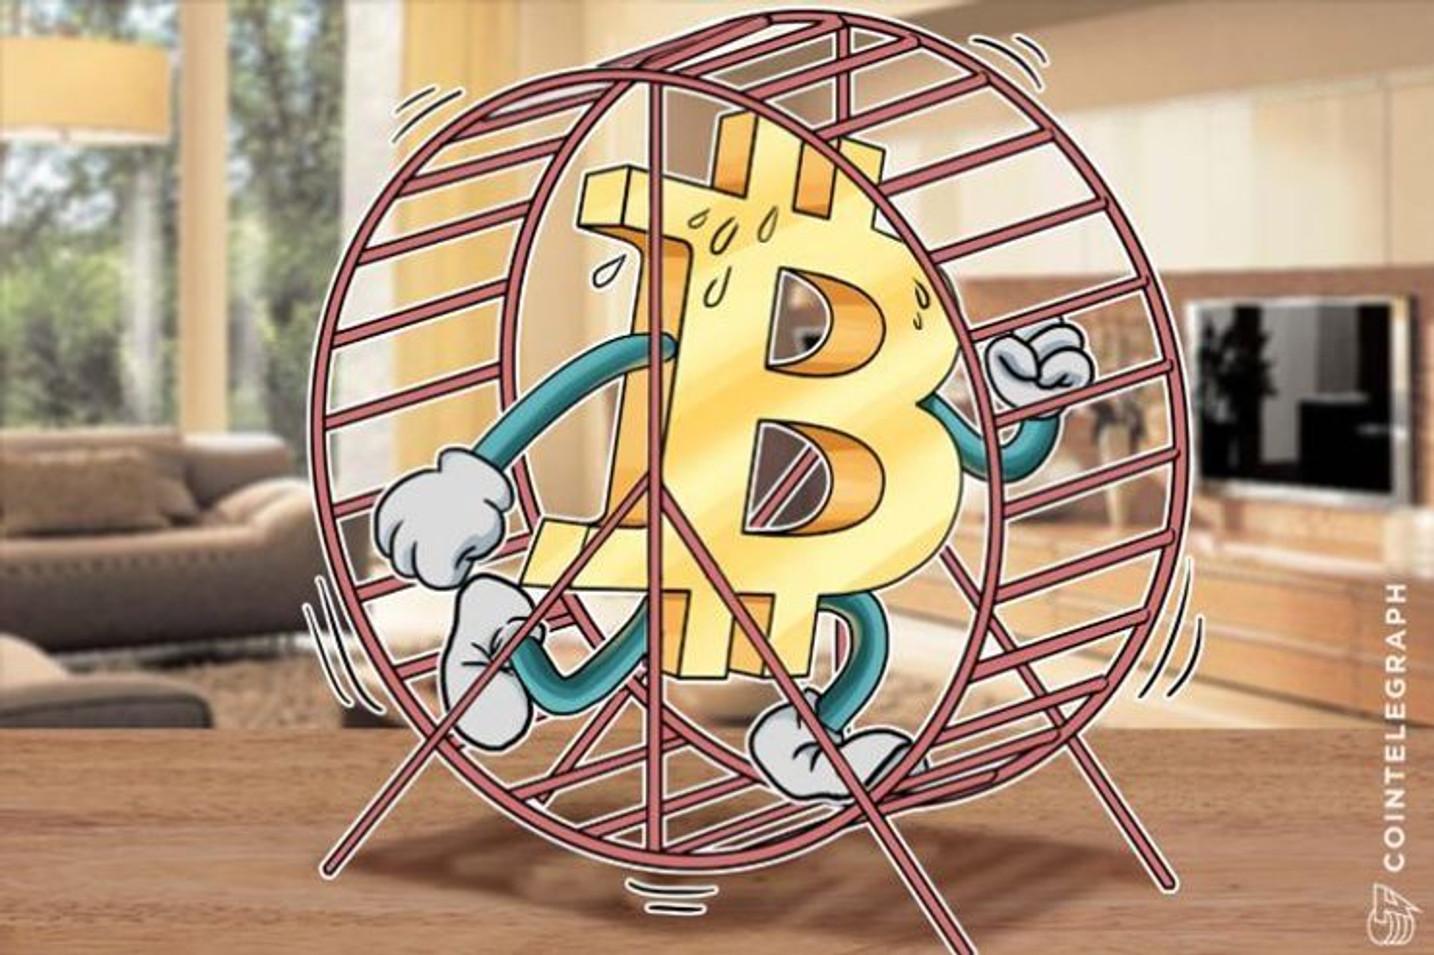 'Mais de 1,5 milhão de Bitcoins foram perdidos', aponta relatório da CoinMetrics